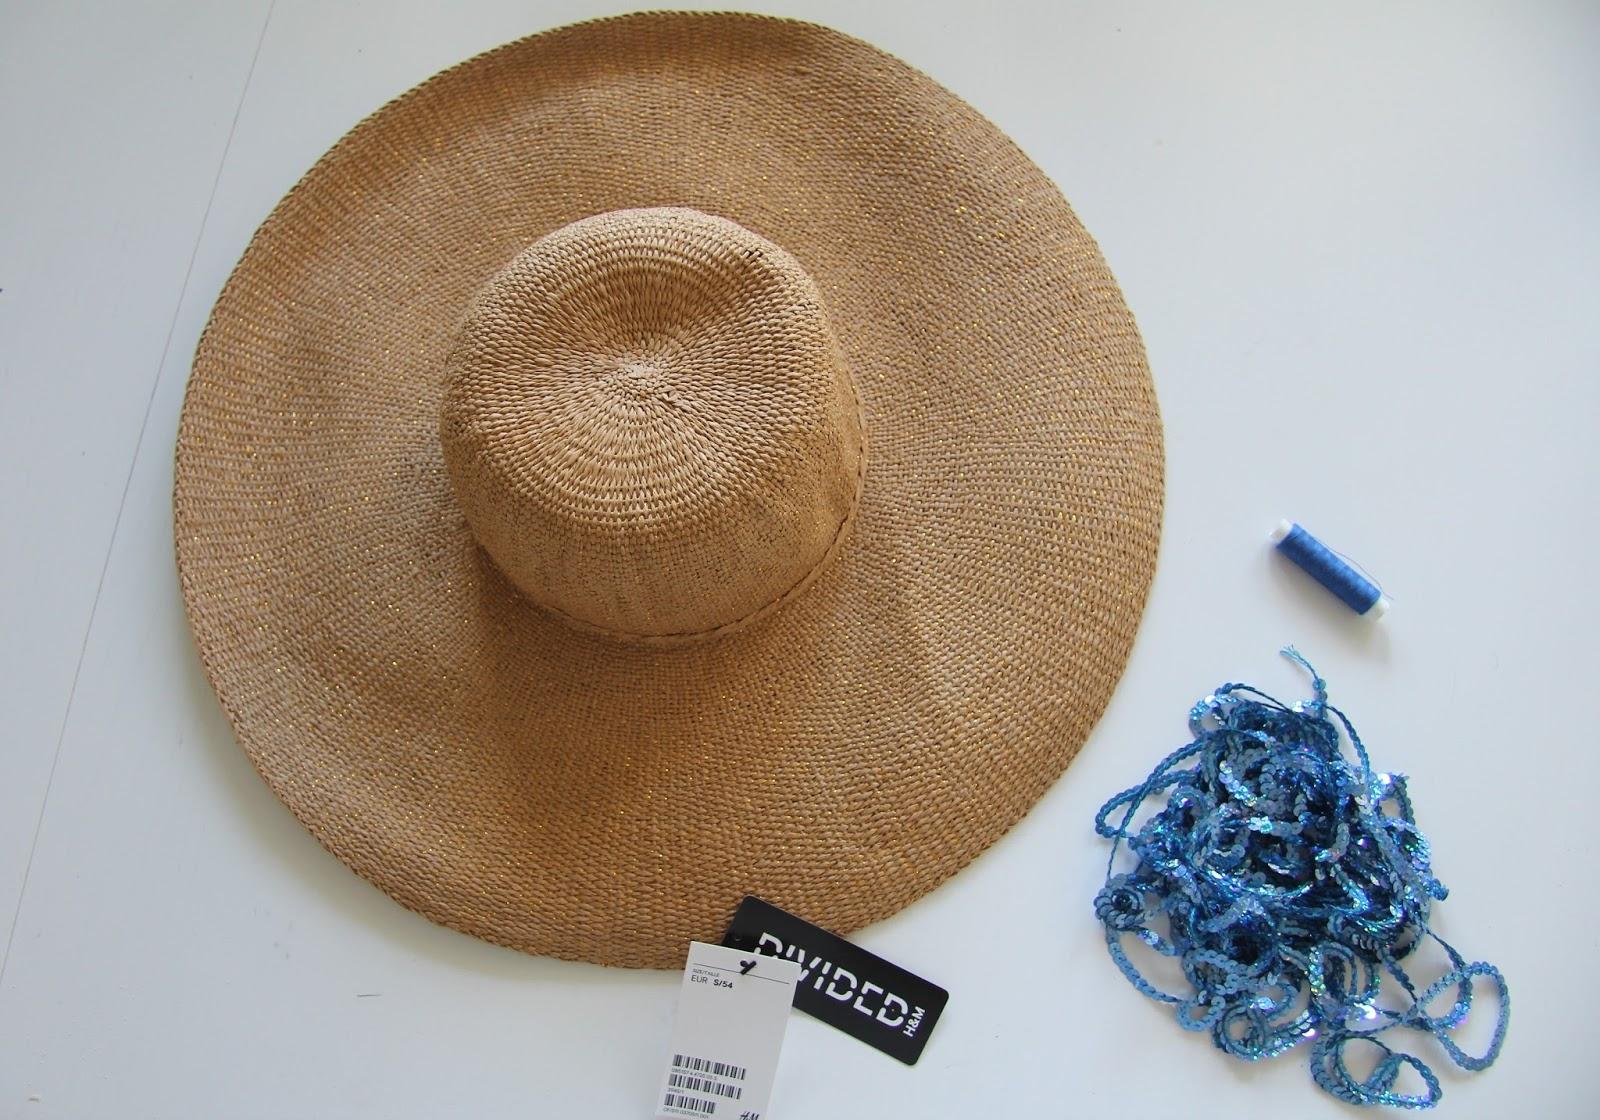 cekinowy napis na kapeluszu